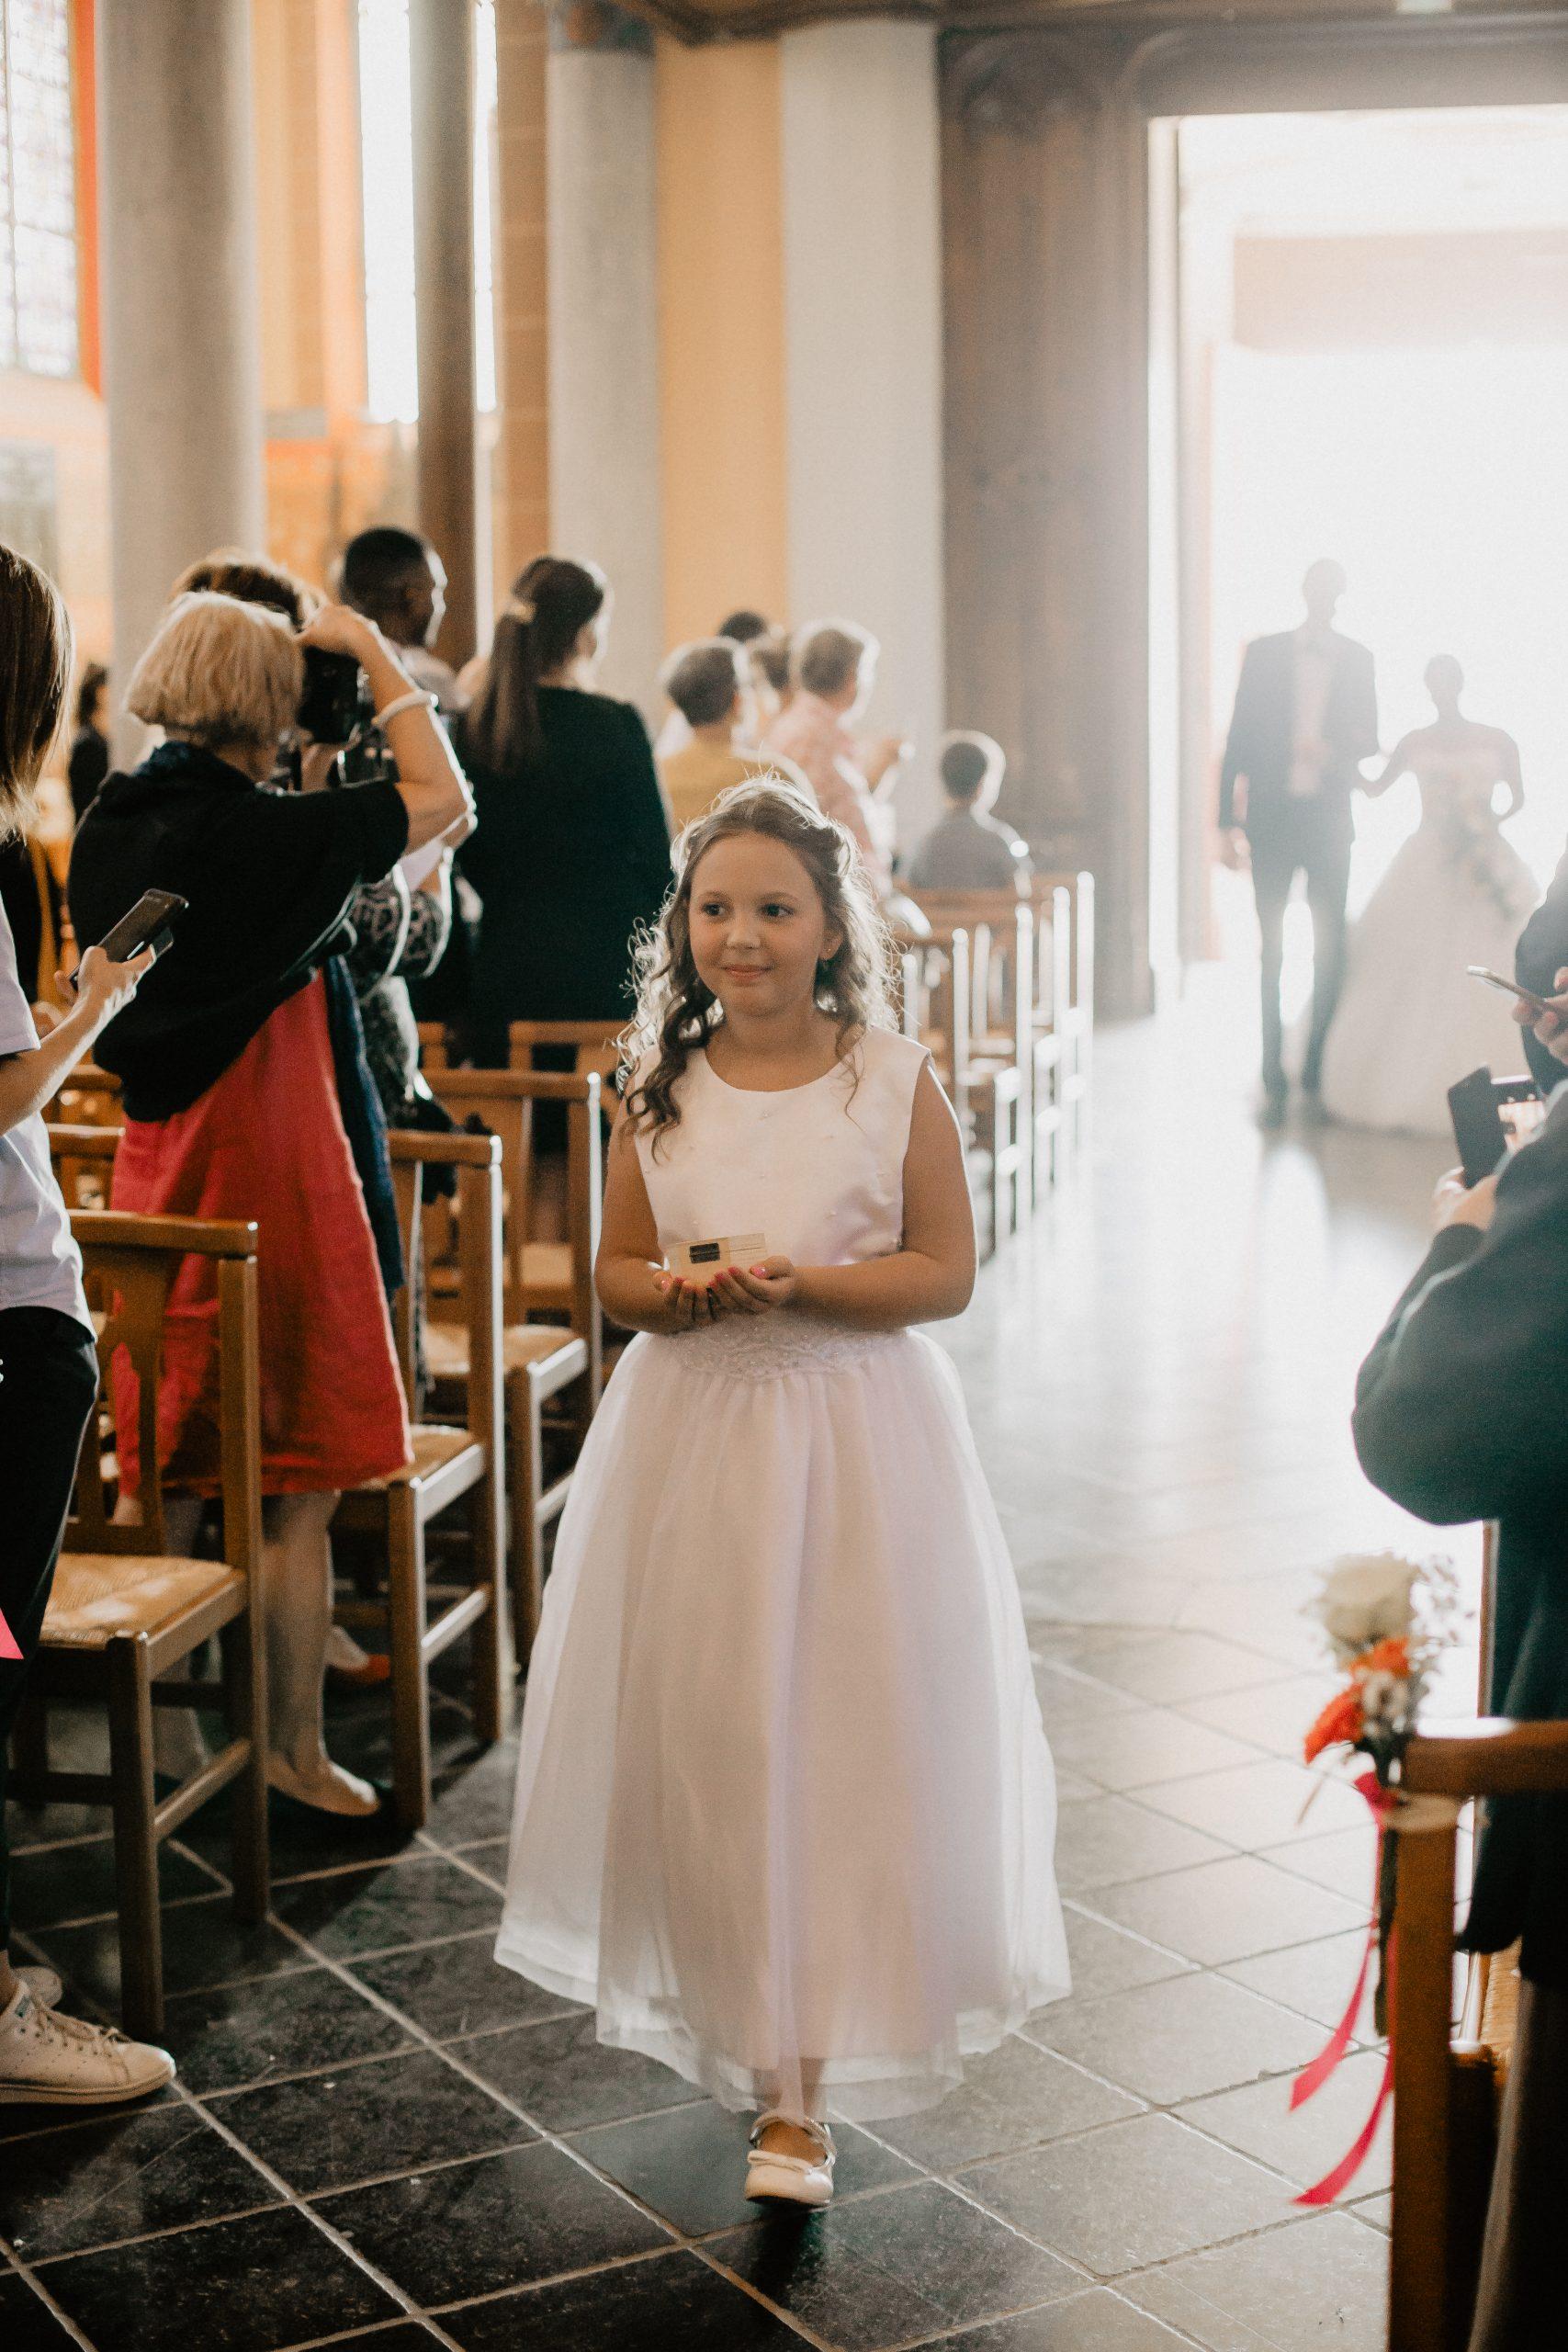 Mariage-Virginie M. Photos-couple-photos-union-amour-Croix-photographe Lille (73)